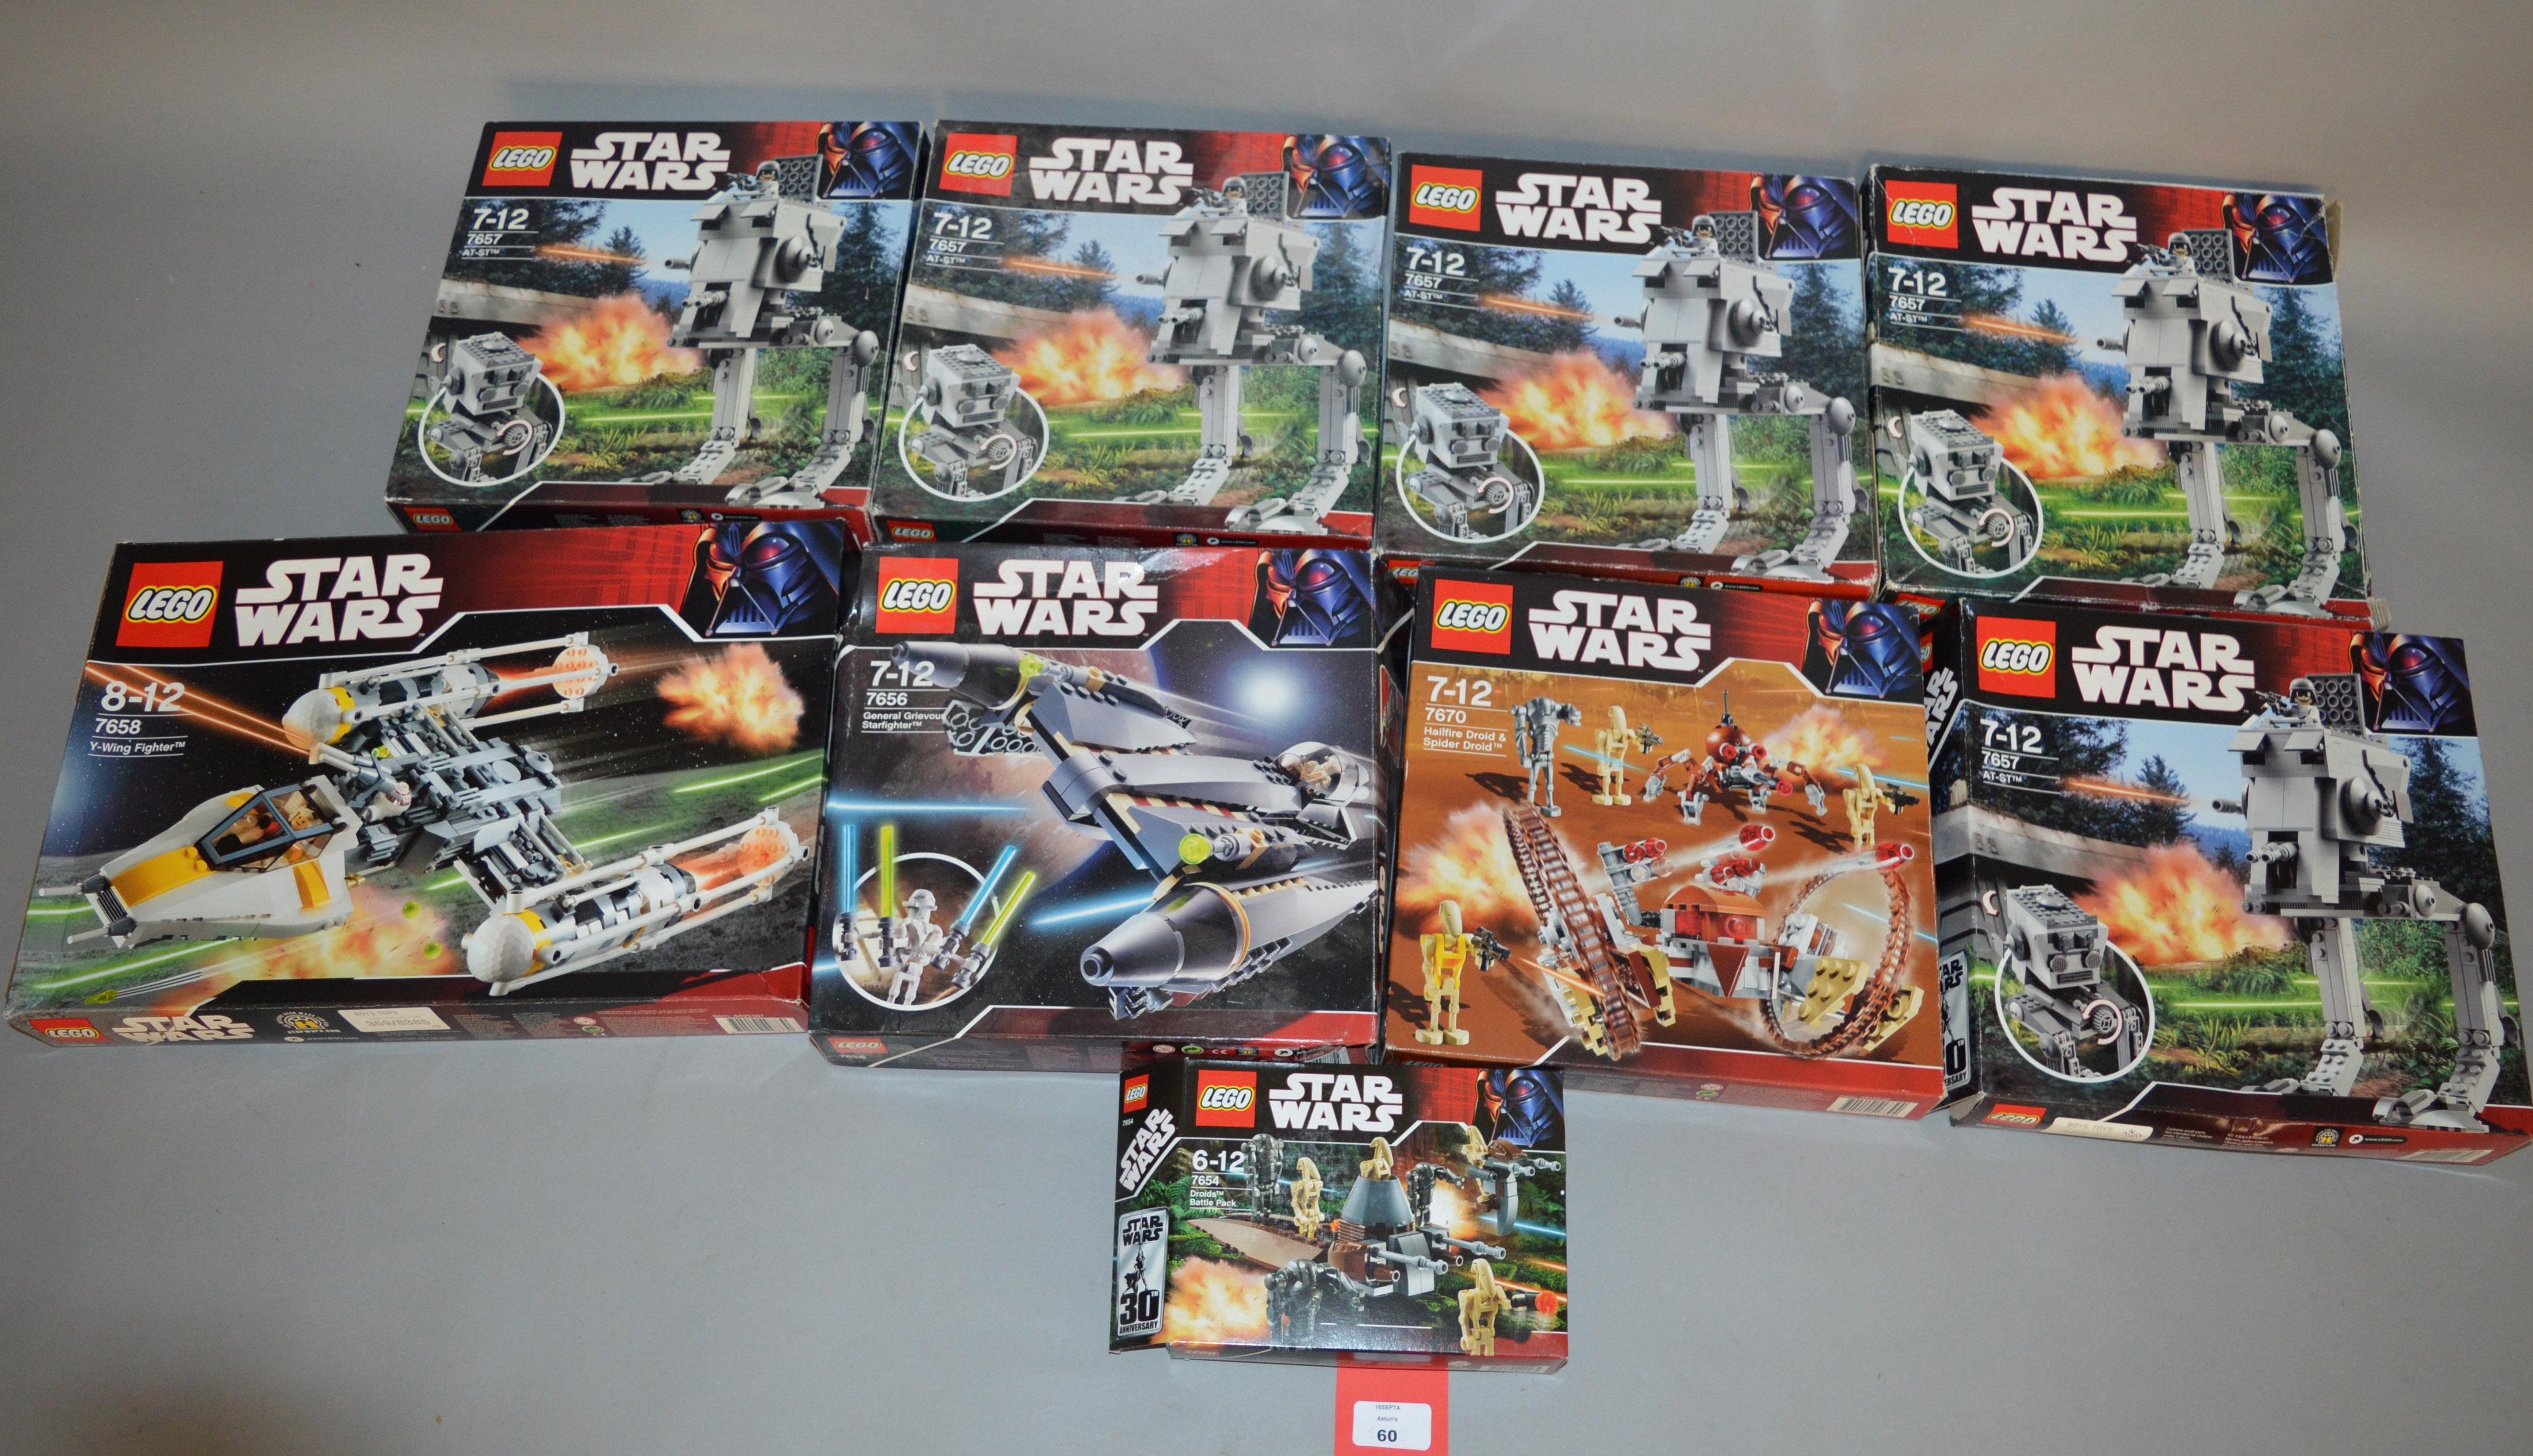 Lot 60 - Nine Lego Star Wars sets: 7658; five 7657; 7656; 7670; 7654.